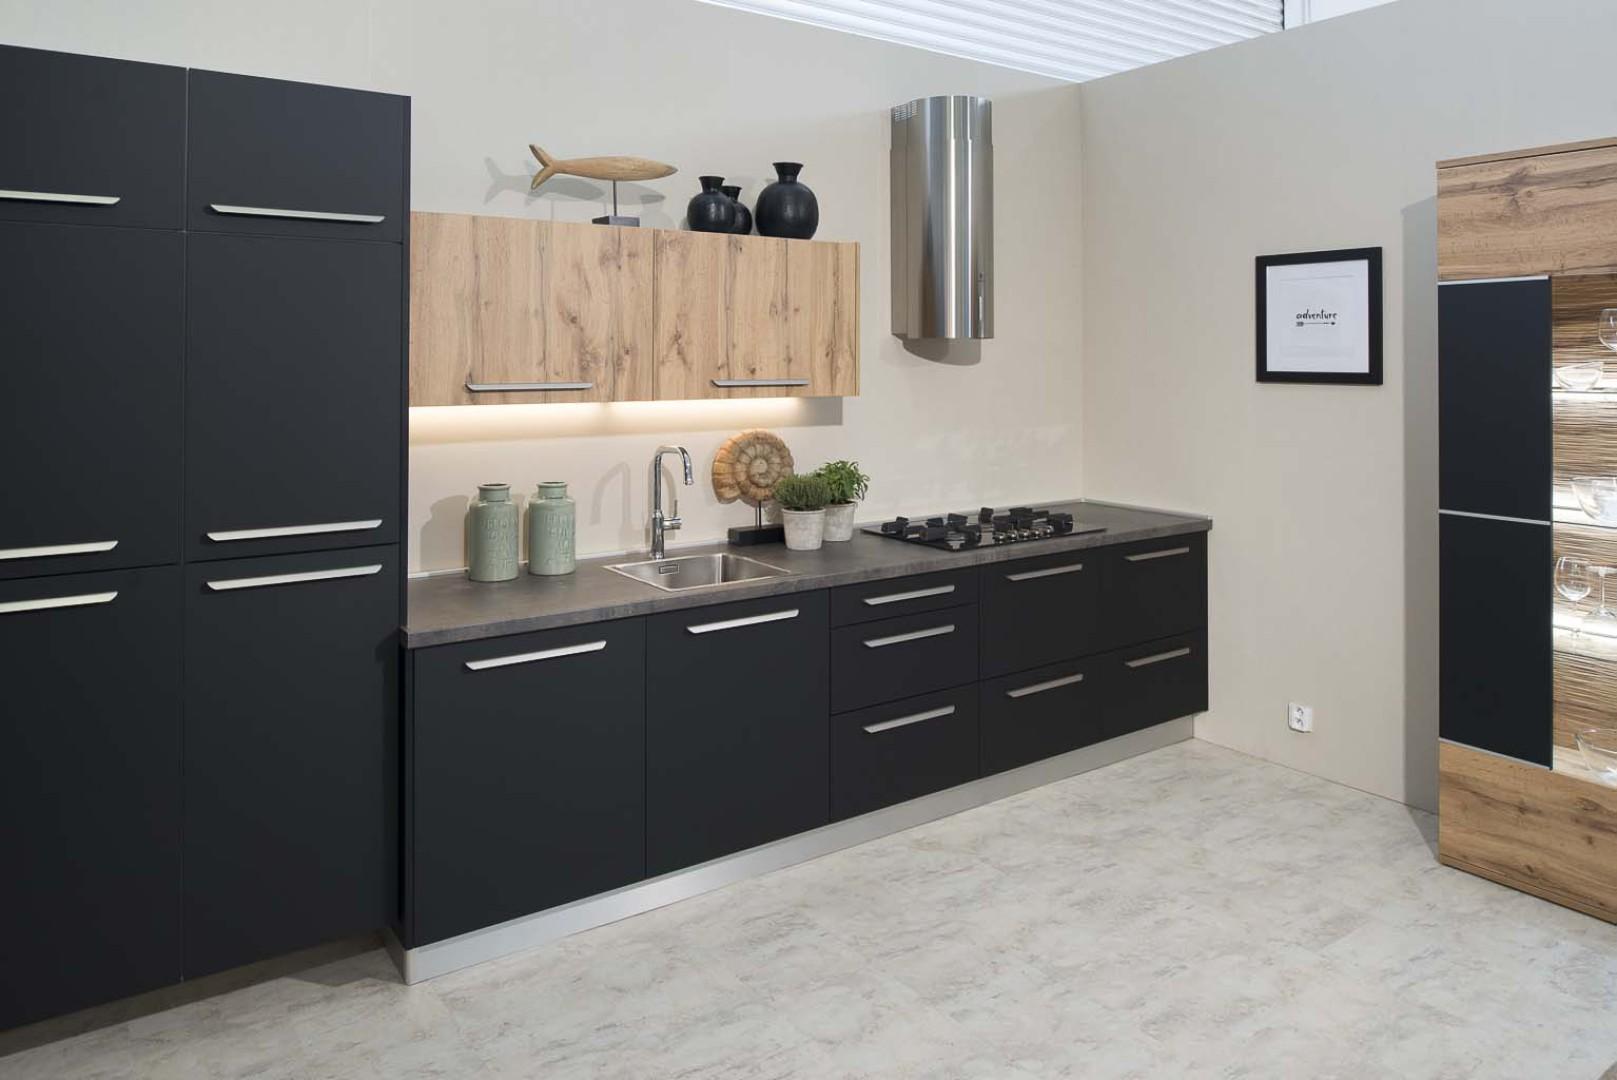 kuchyna_Iris-1920x1080$